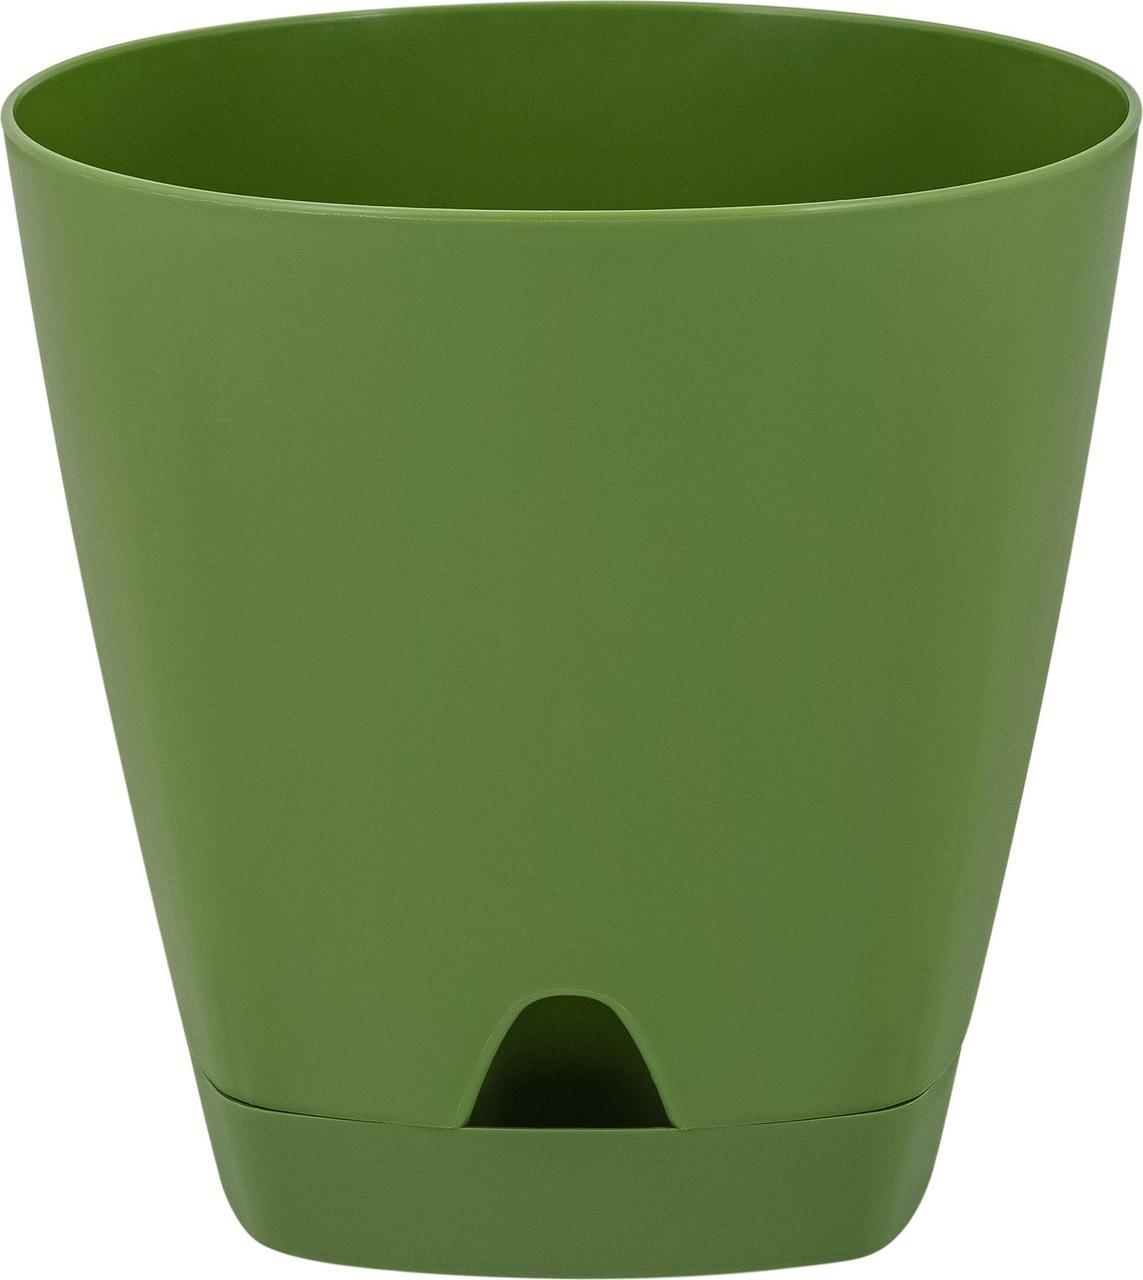 Горшок для цветов  AMSTERDAM D 250mm/8l с прикорневым поливом оливковый